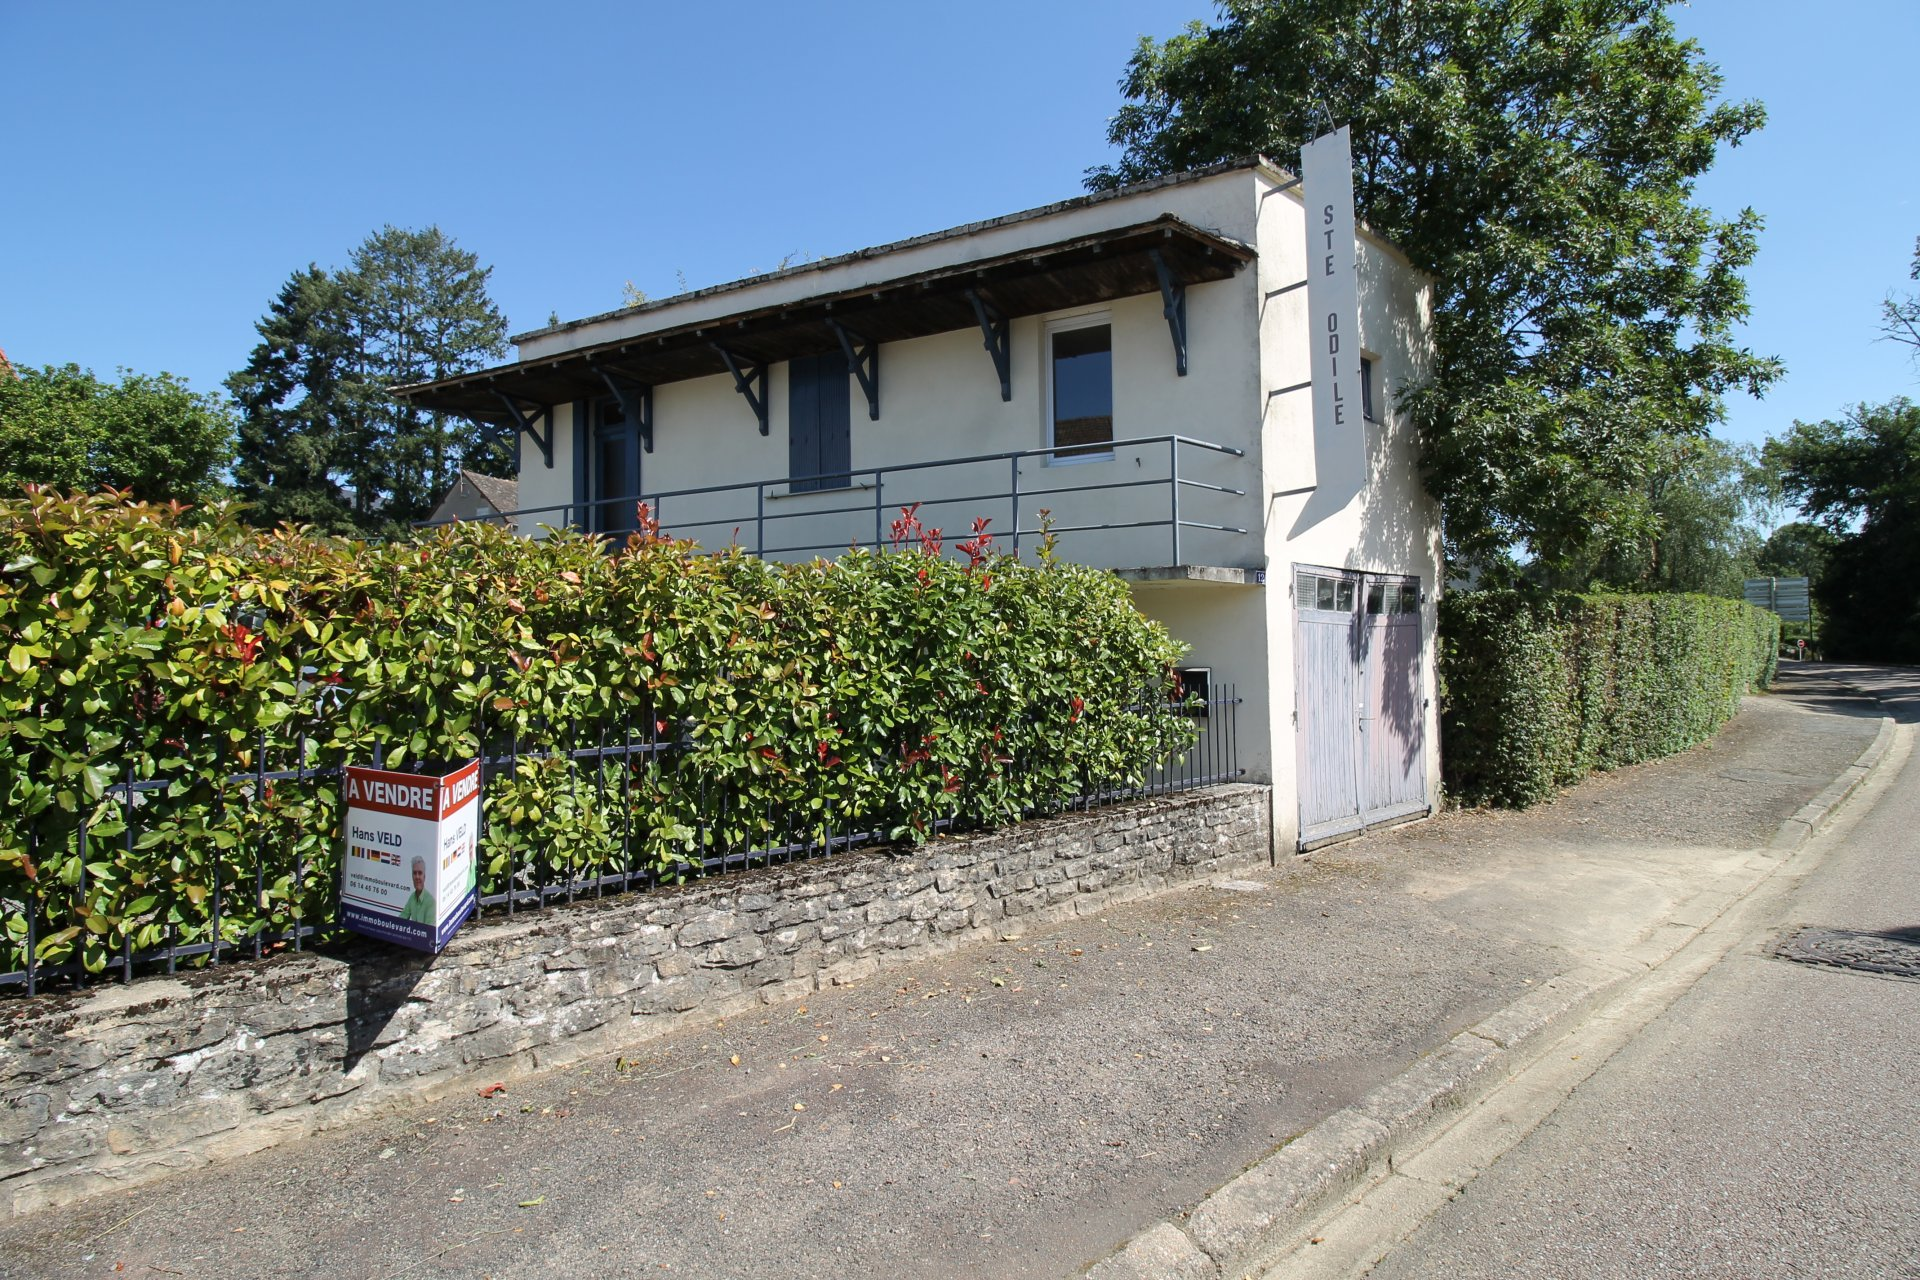 Gruppen B&B mit Haus und Studio zum Verkauf in Burgund